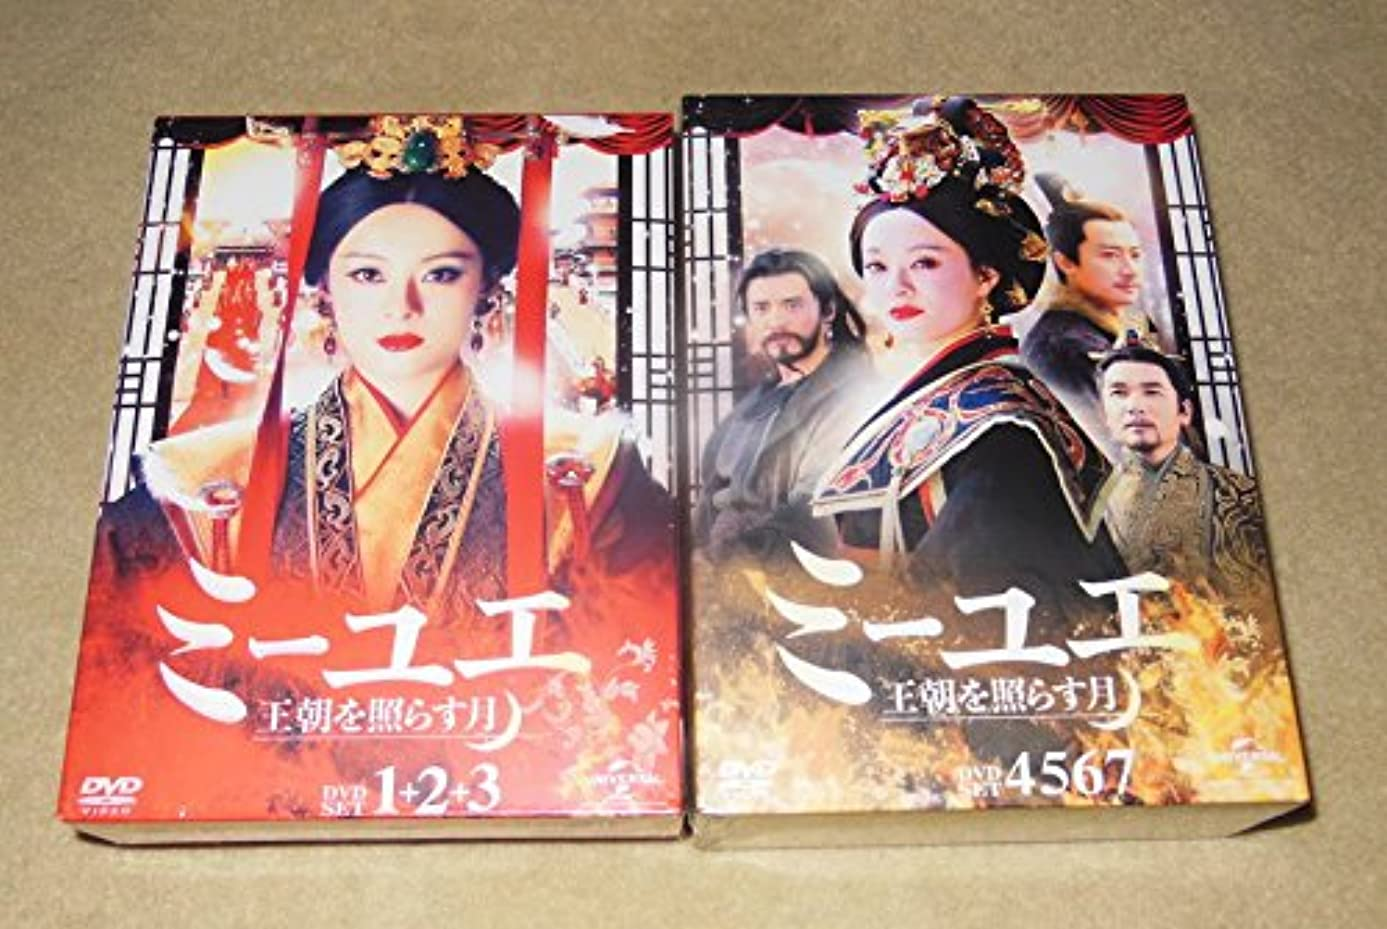 みぞれバックチャンバーミーユエ 王朝を照らす月 DVD-SET1ー7 全巻 42枚組言語: 中国語/字幕: 日本語